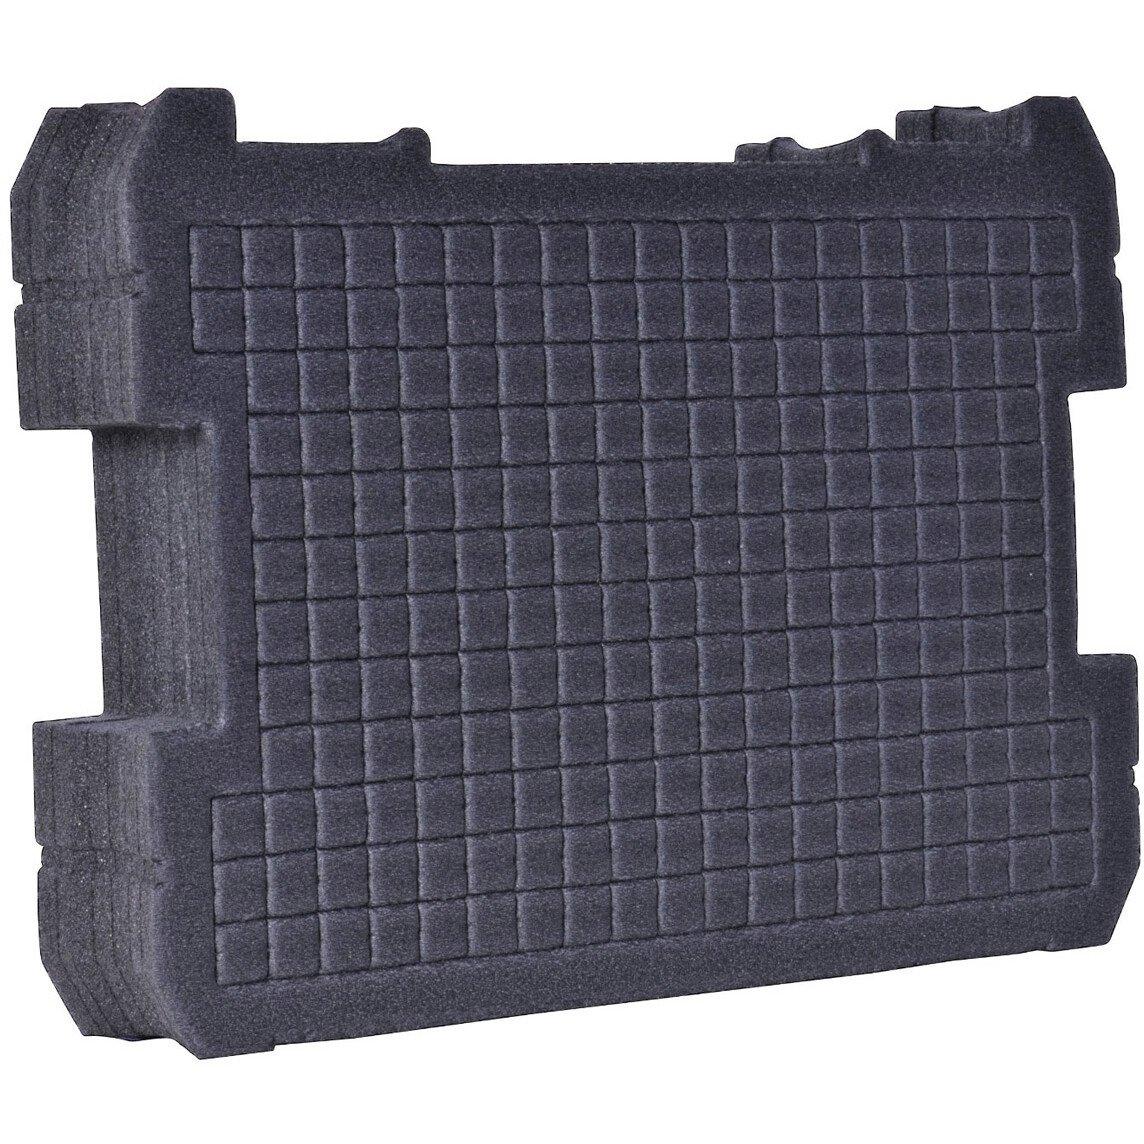 DeWalt DWST1-72364 TStak Foam Inlay